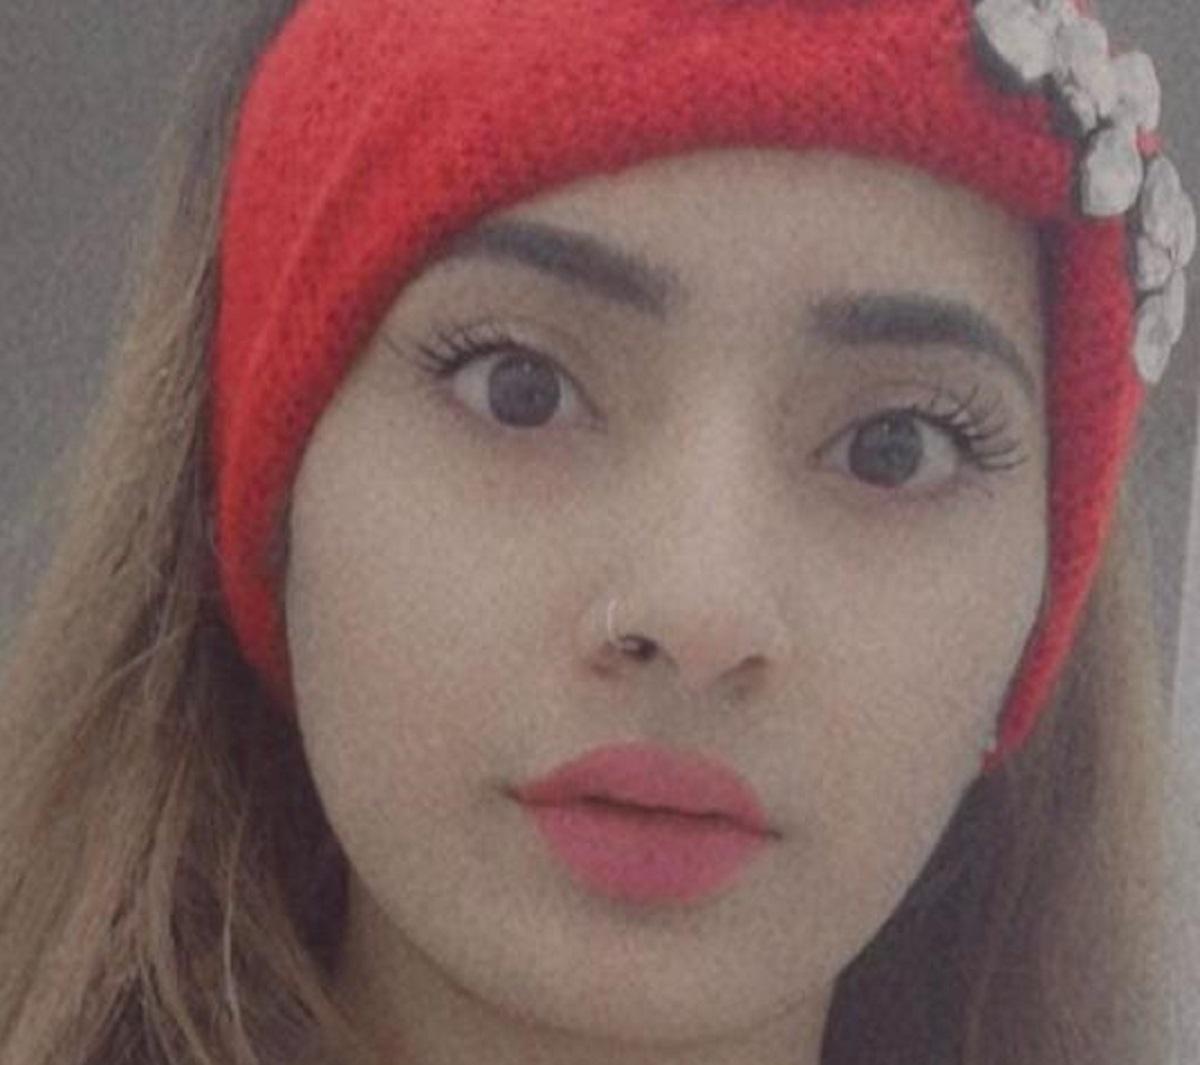 """""""Devi farlo per me"""". Saman Abbas, pubblicati gli ultimi e inquietanti messaggi inviati al fidanzato"""